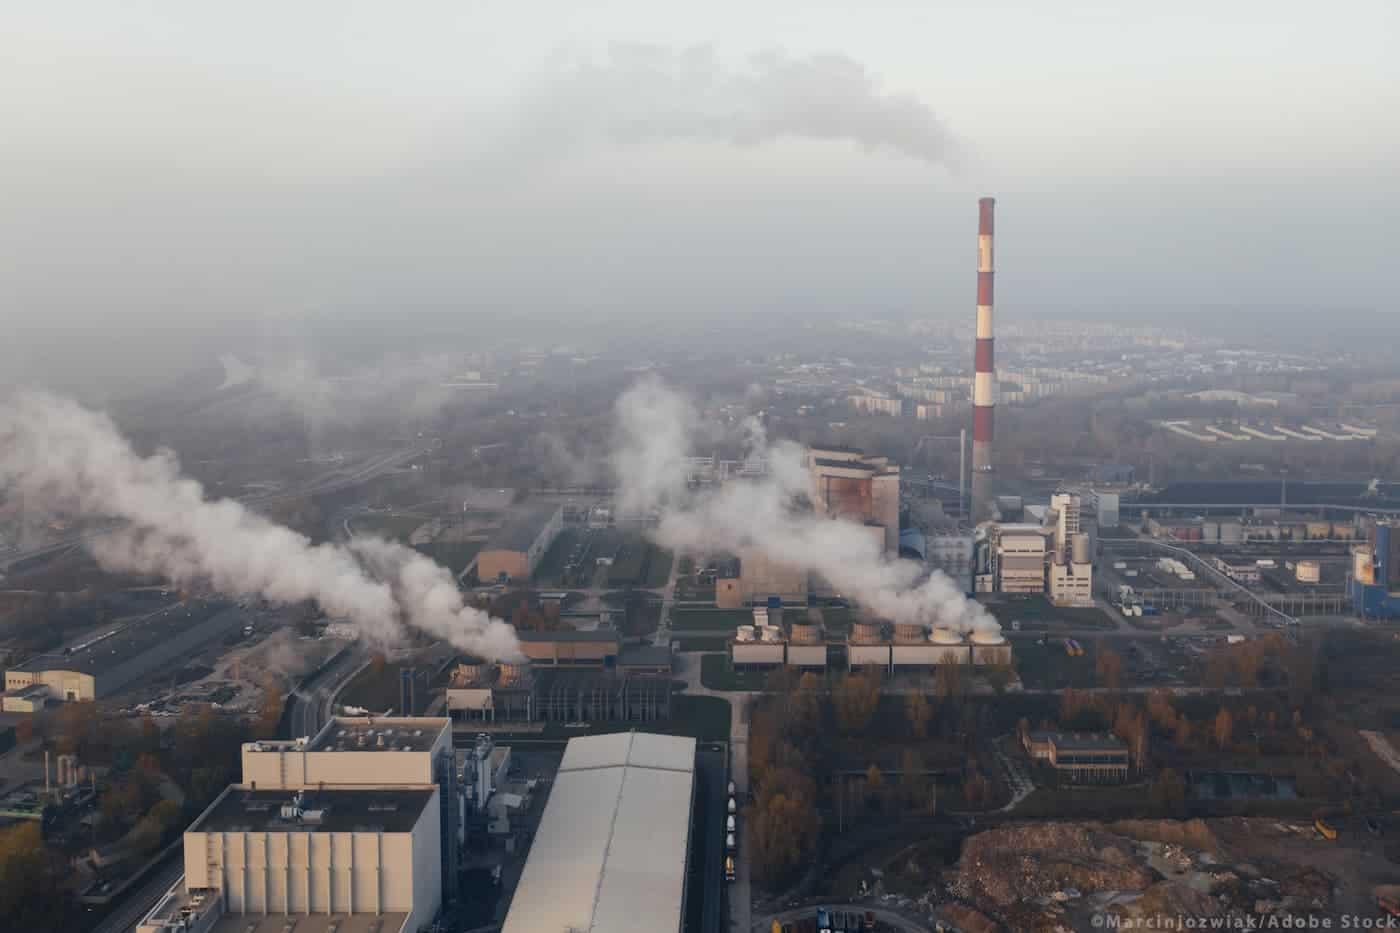 EL Parlamento Europeo aprobó la ley para que la Unión Europea alcance la neutralidad climática en 2050